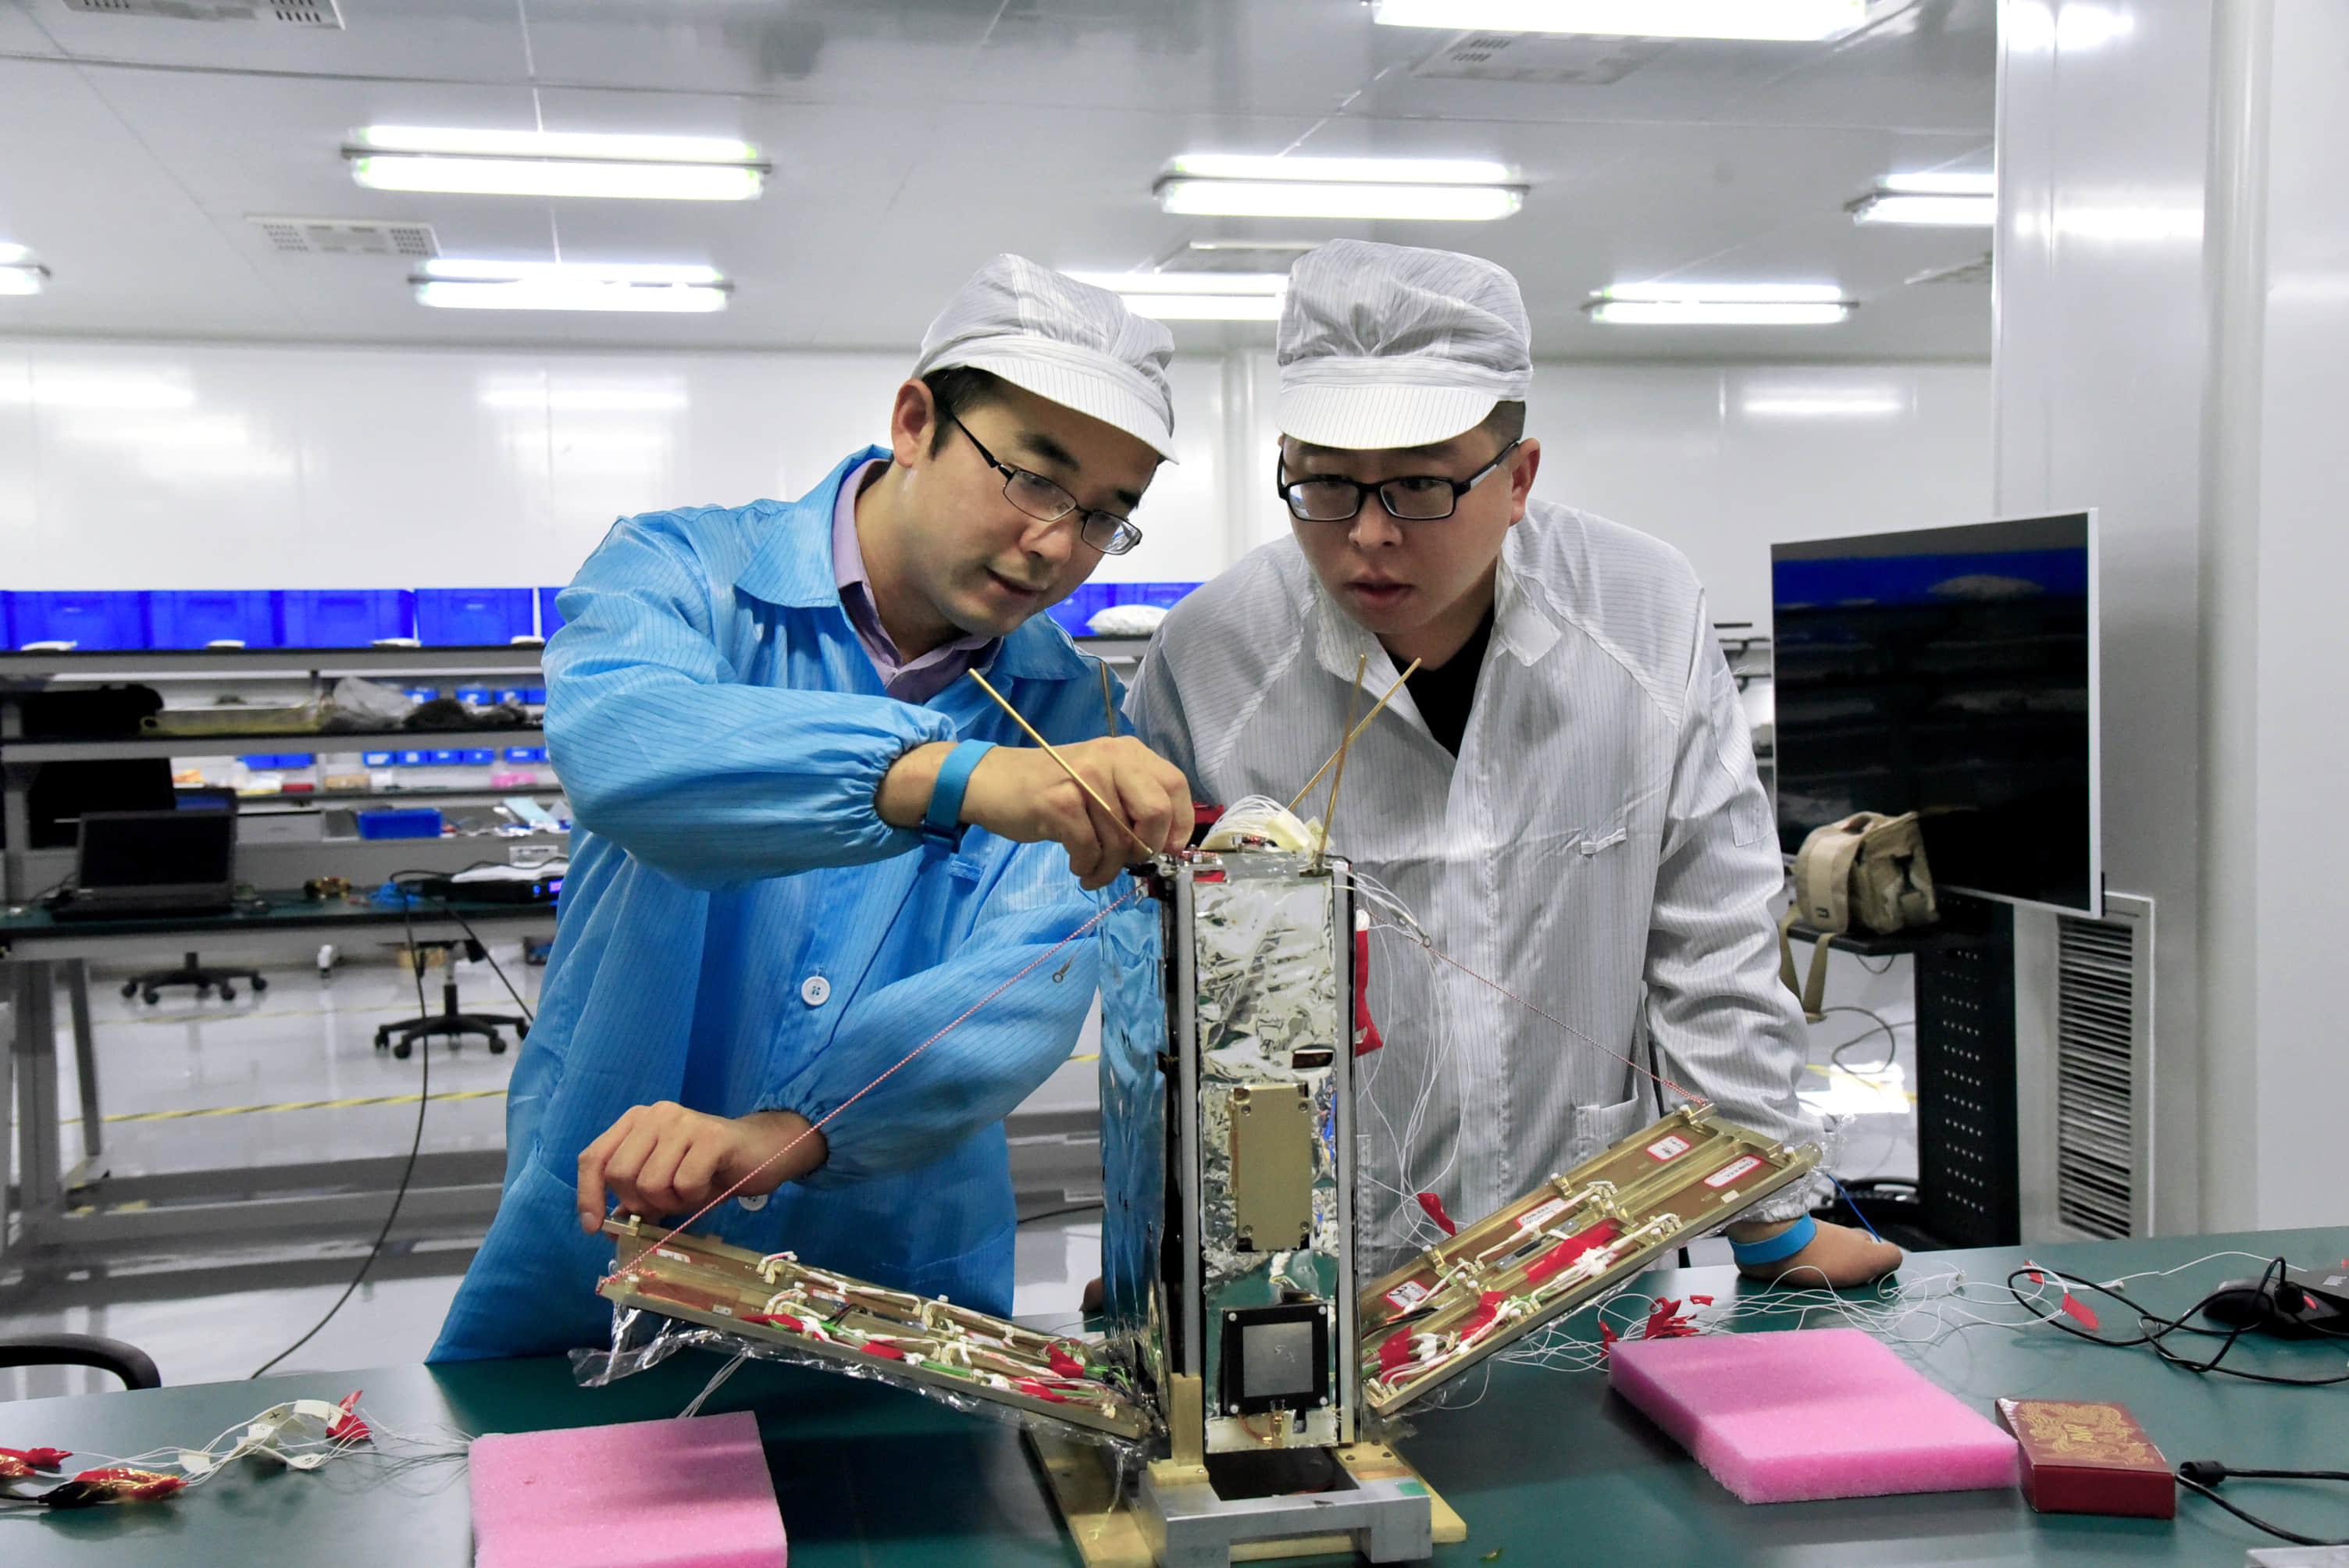 天仪研究所研究人员在测试小卫星。图片来源/天仪研究所